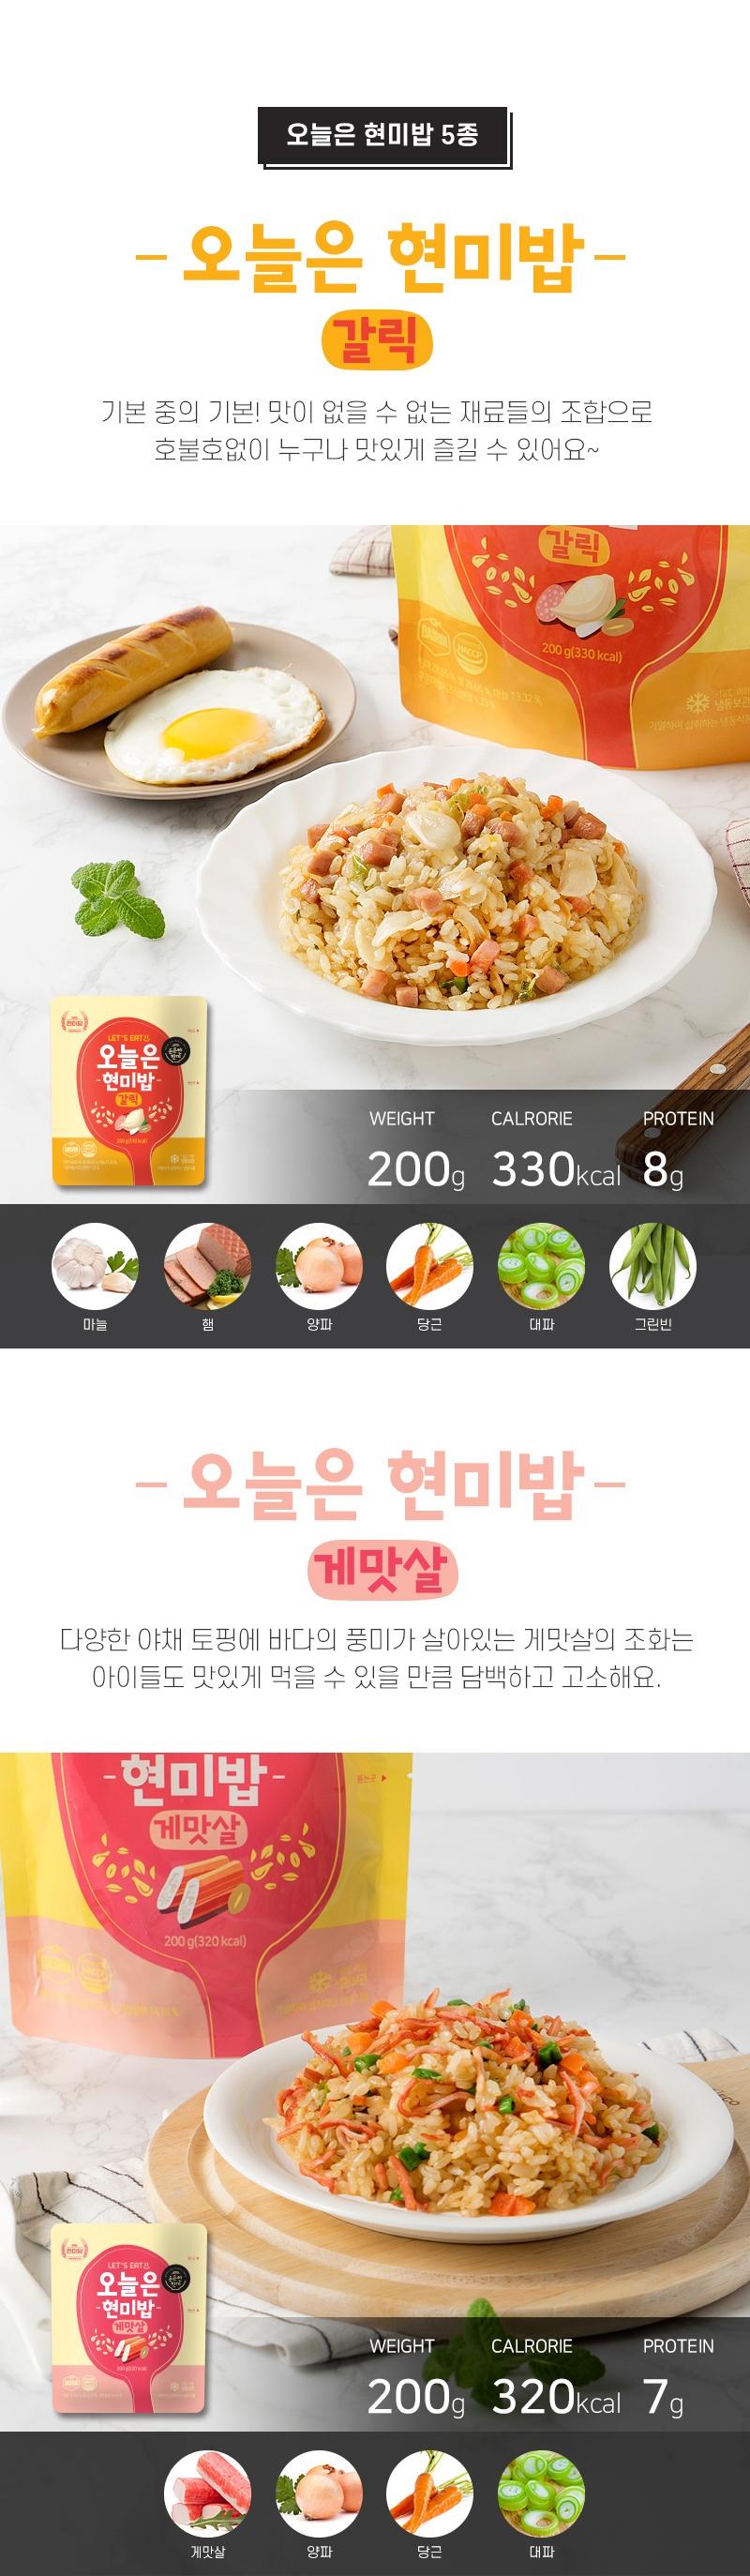 오늘은 현미밥 체험단 모집 (06.11~06.20)